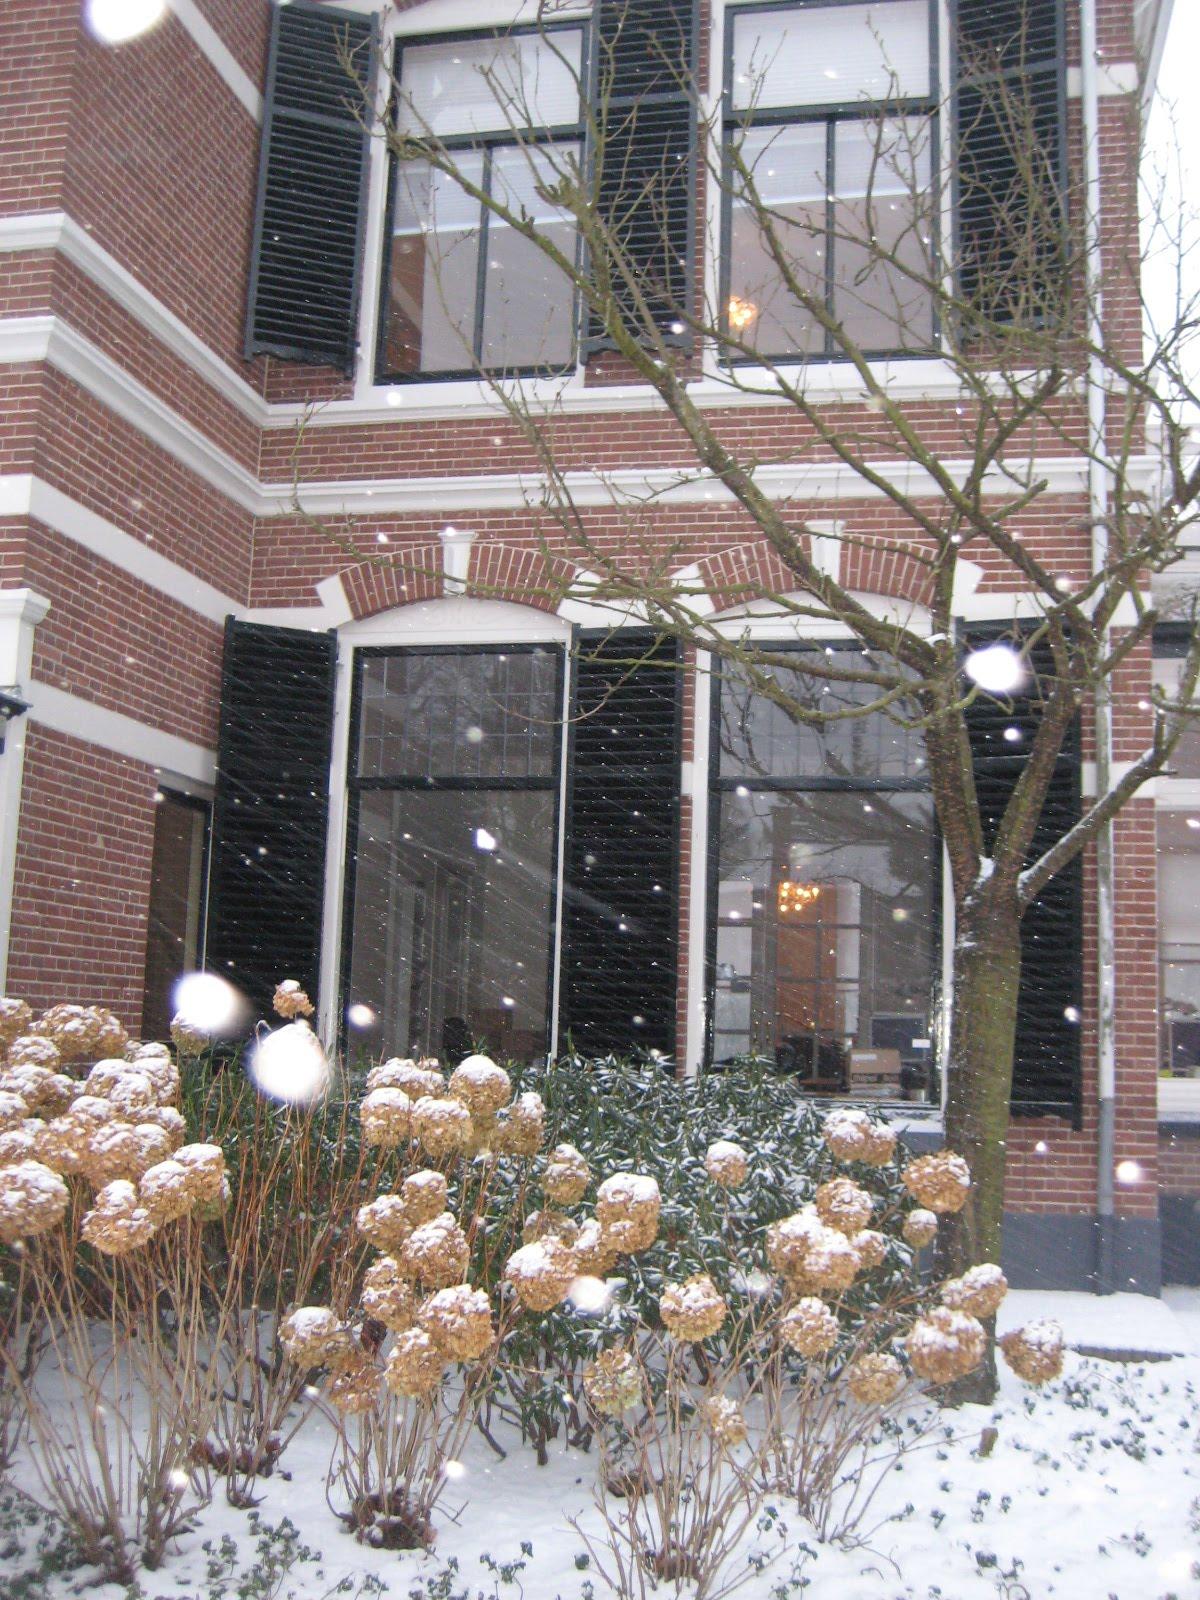 Home Kreatief - bouwen aan een warm nest: maart 2010